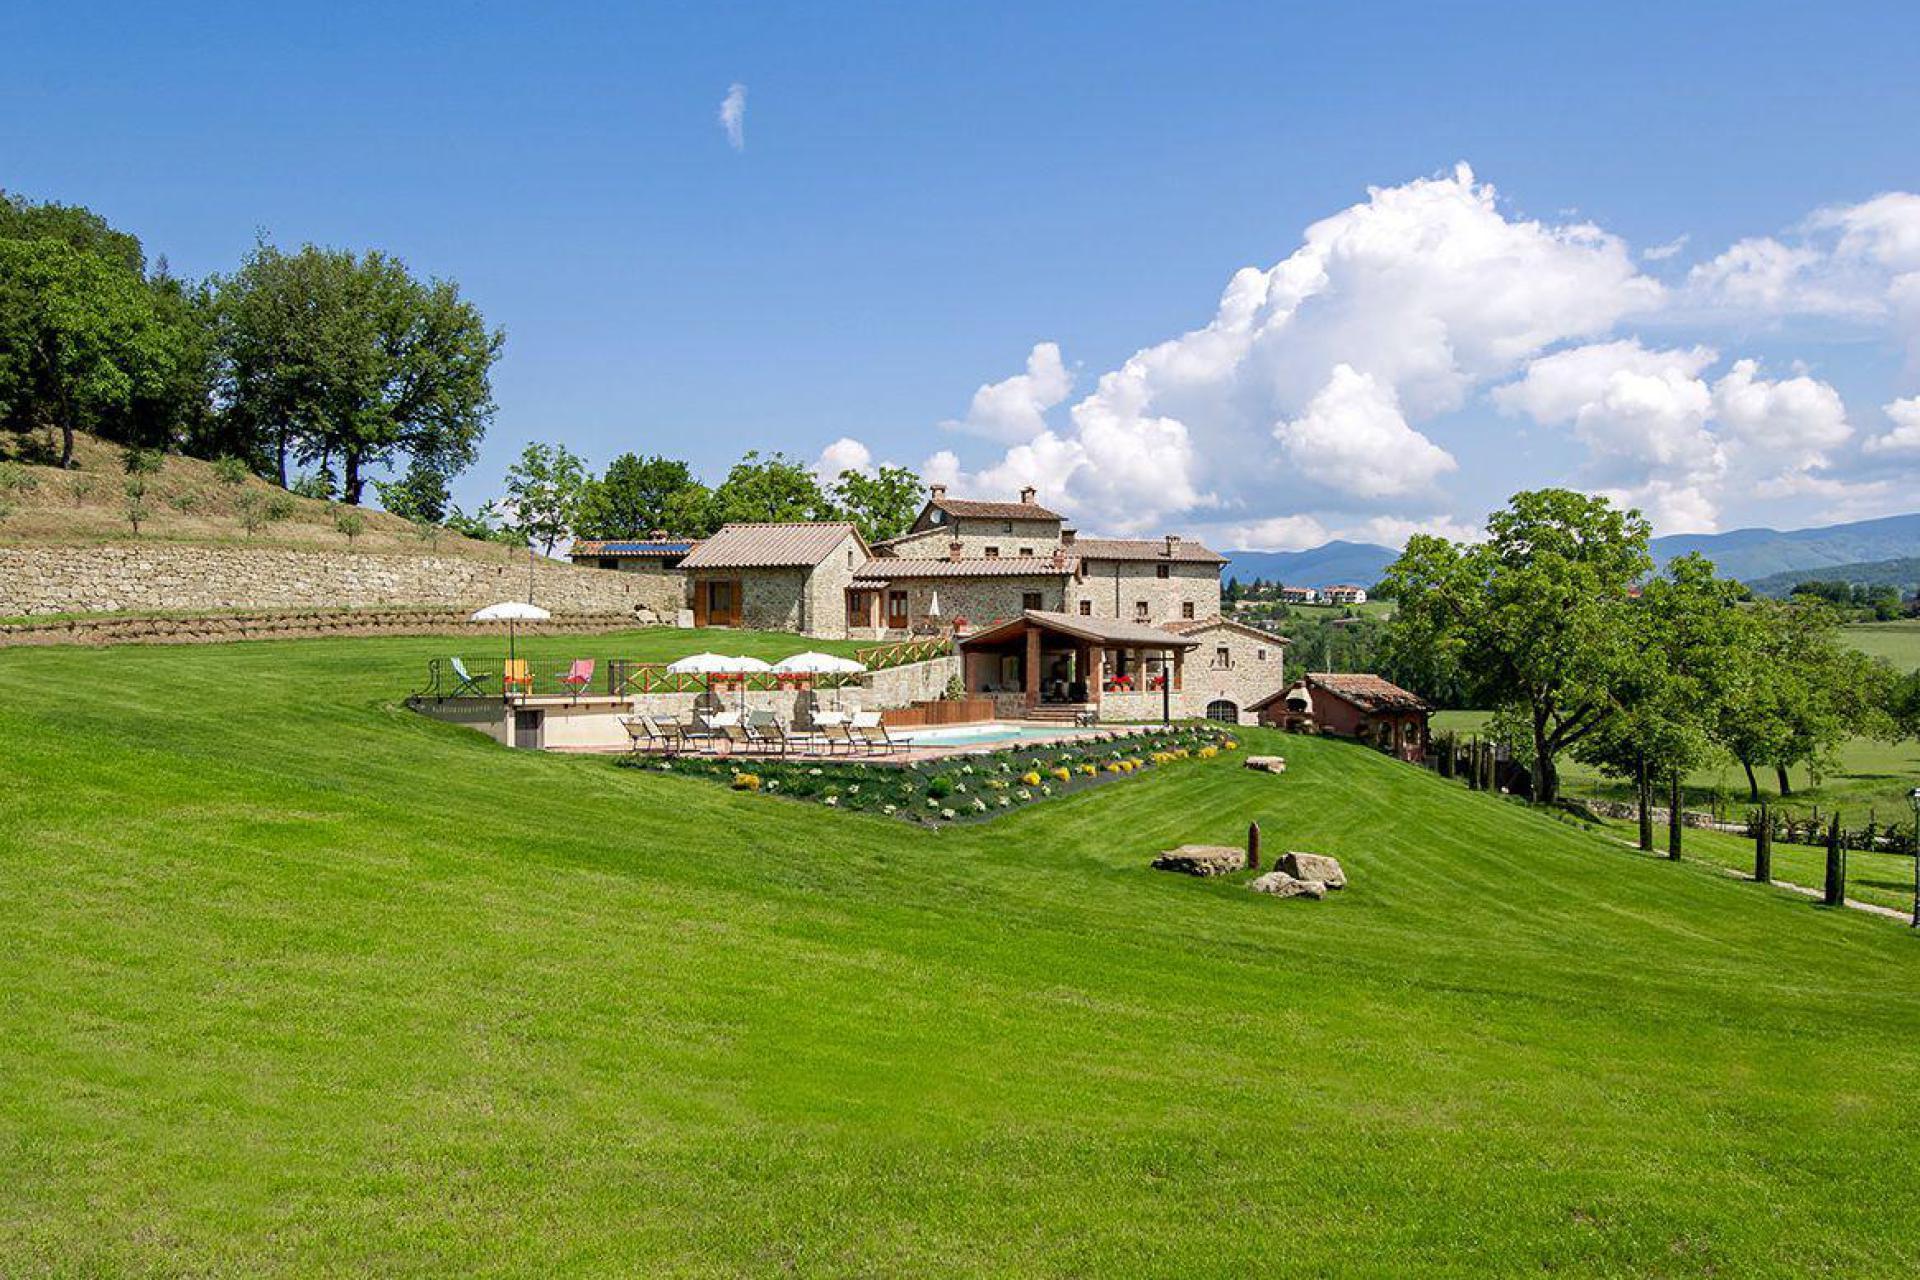 Agriturismo Toscane Stijlvolle agriturismo Siena met uitzicht op de stad